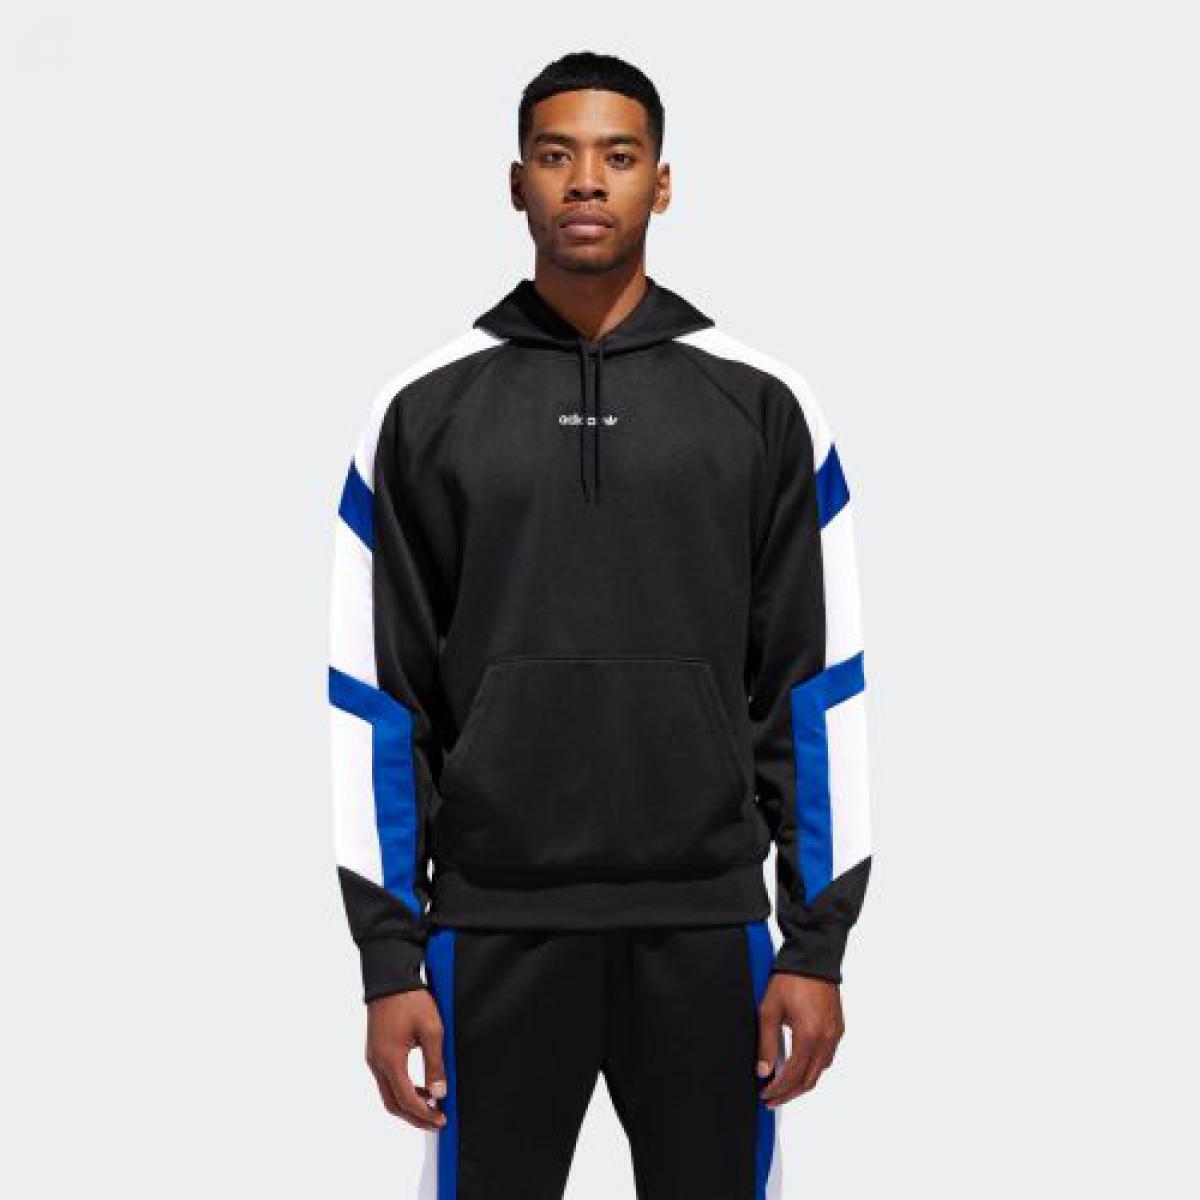 【公式】アディダス adidas EQT BLK HOODIE メンズ DH5221 ウェア 綿 ポリエステル インターロック